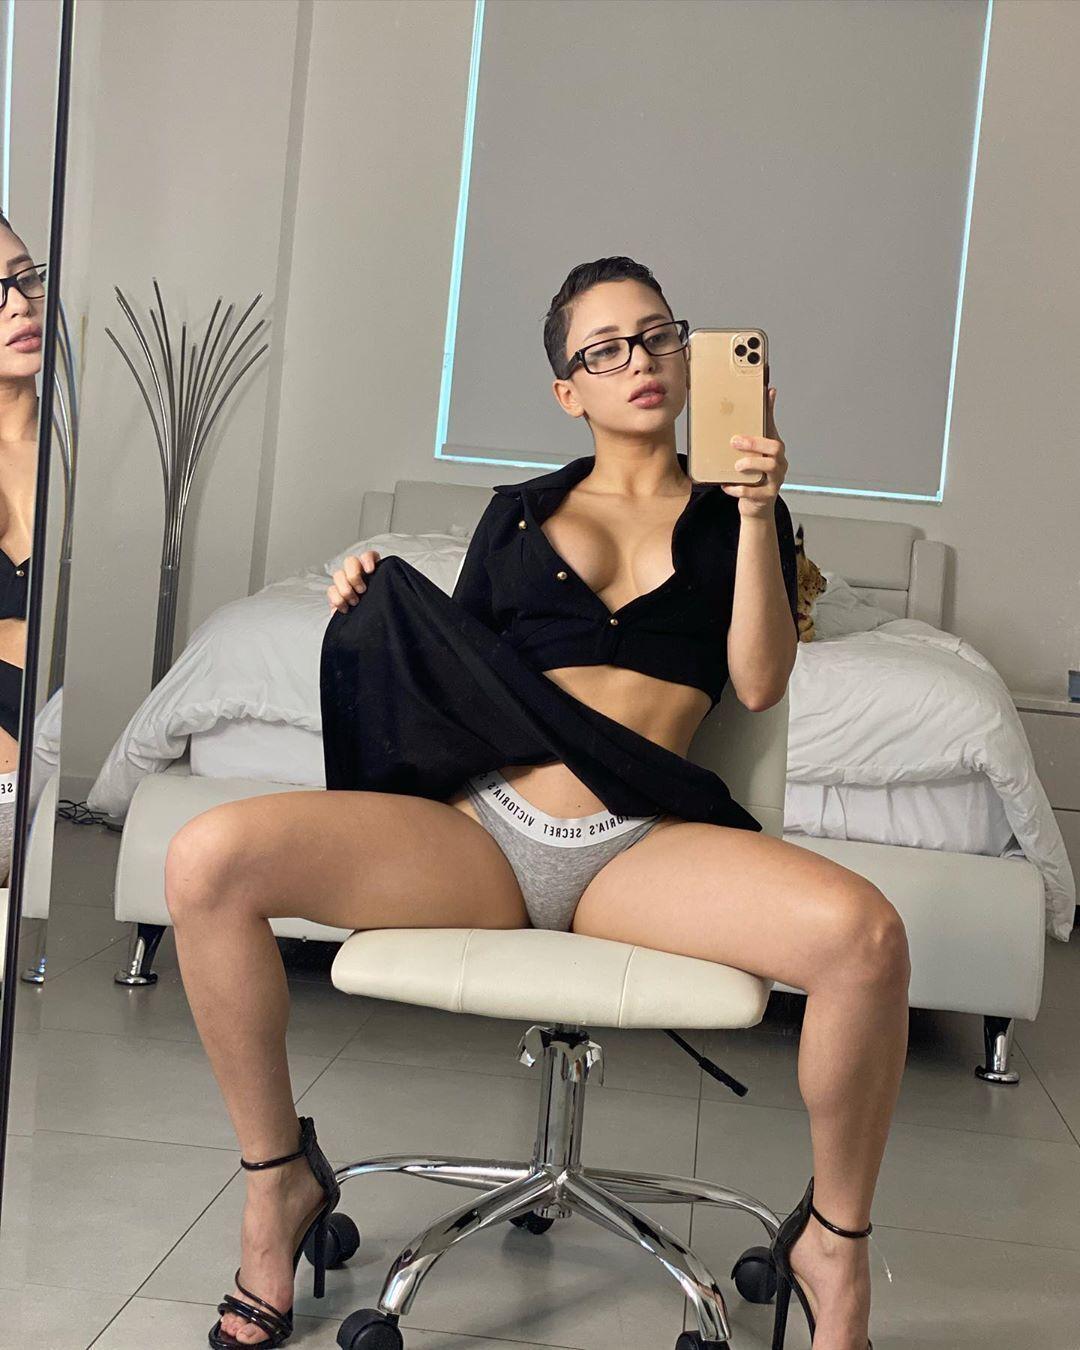 Chica amateur de pelo corto onlyfans - Fotos chicas sexy desnudas - Fotos chicas sexy desnudas